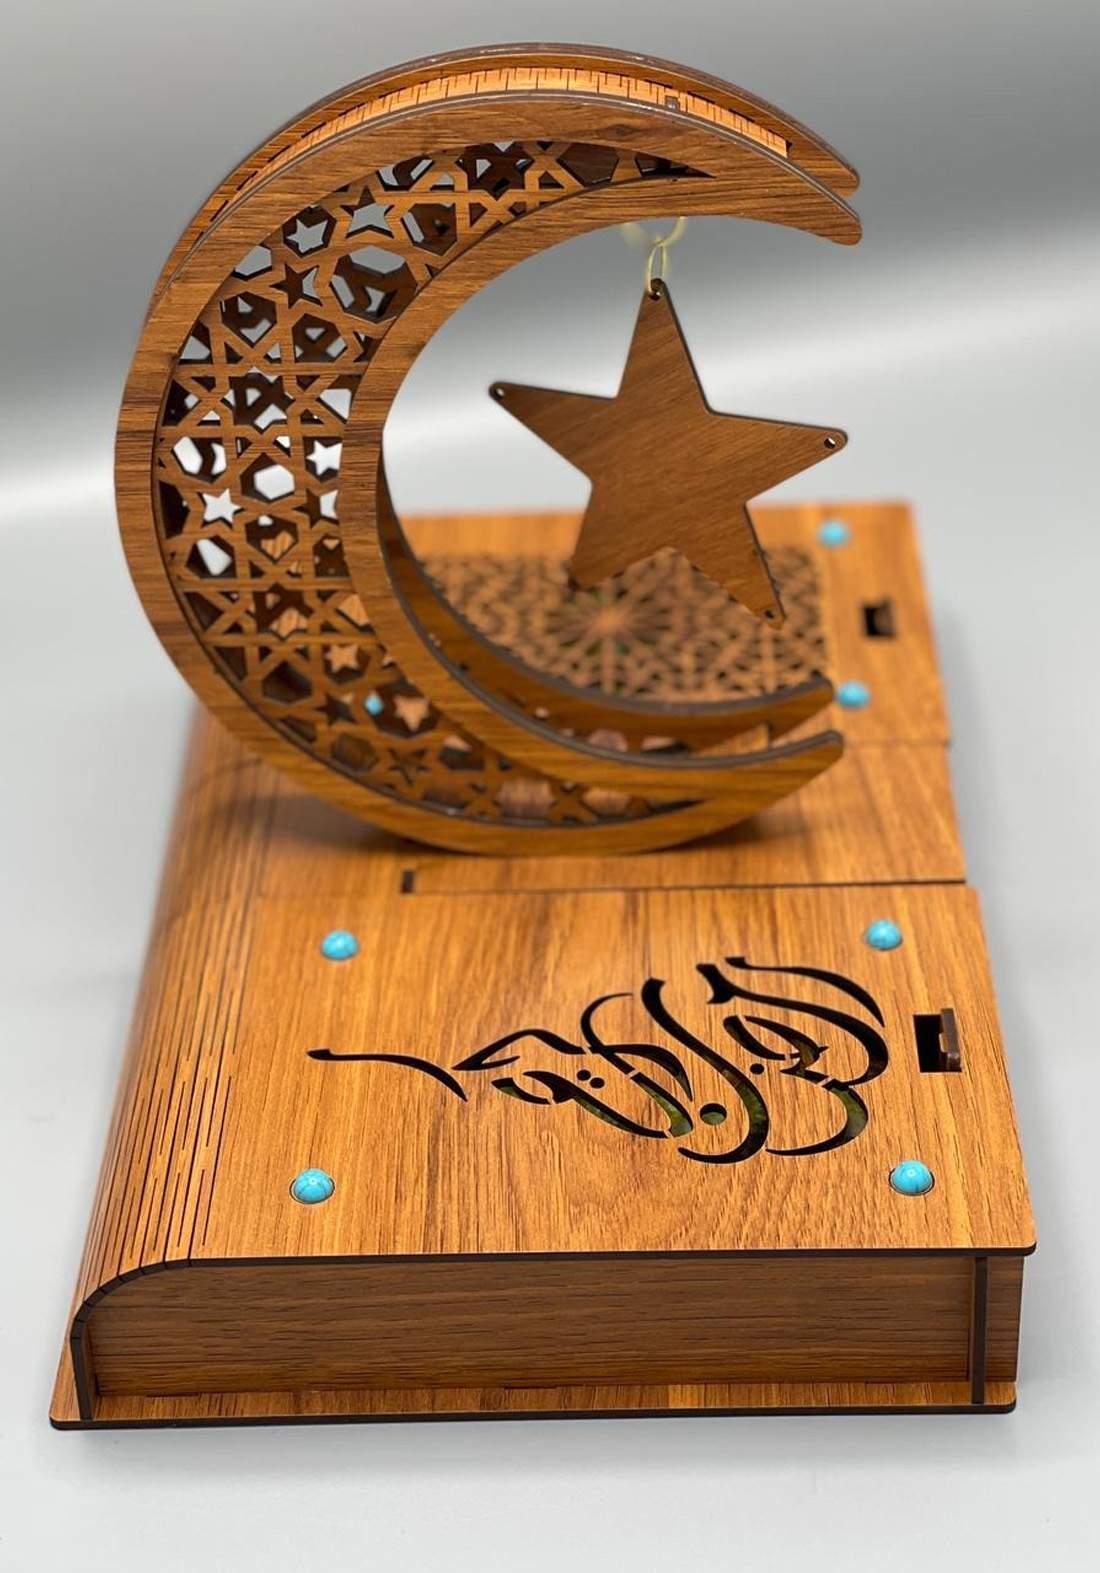 طبق تقديم رمضاني بني اللون